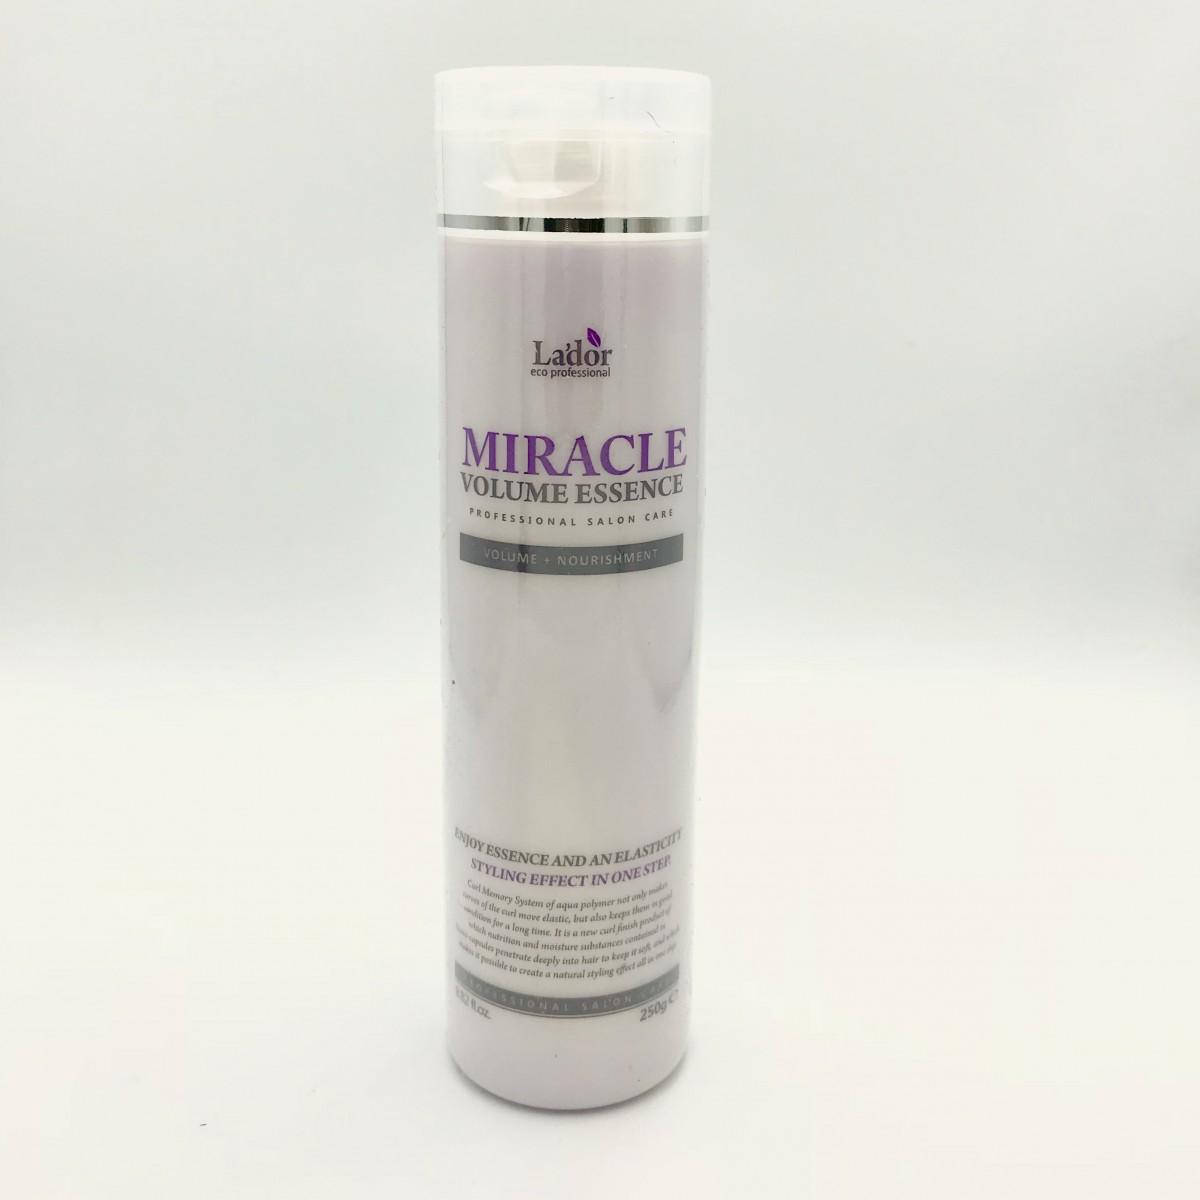 Эссенция для тонких волос Lador Miracle Volume Essence - 250 мл